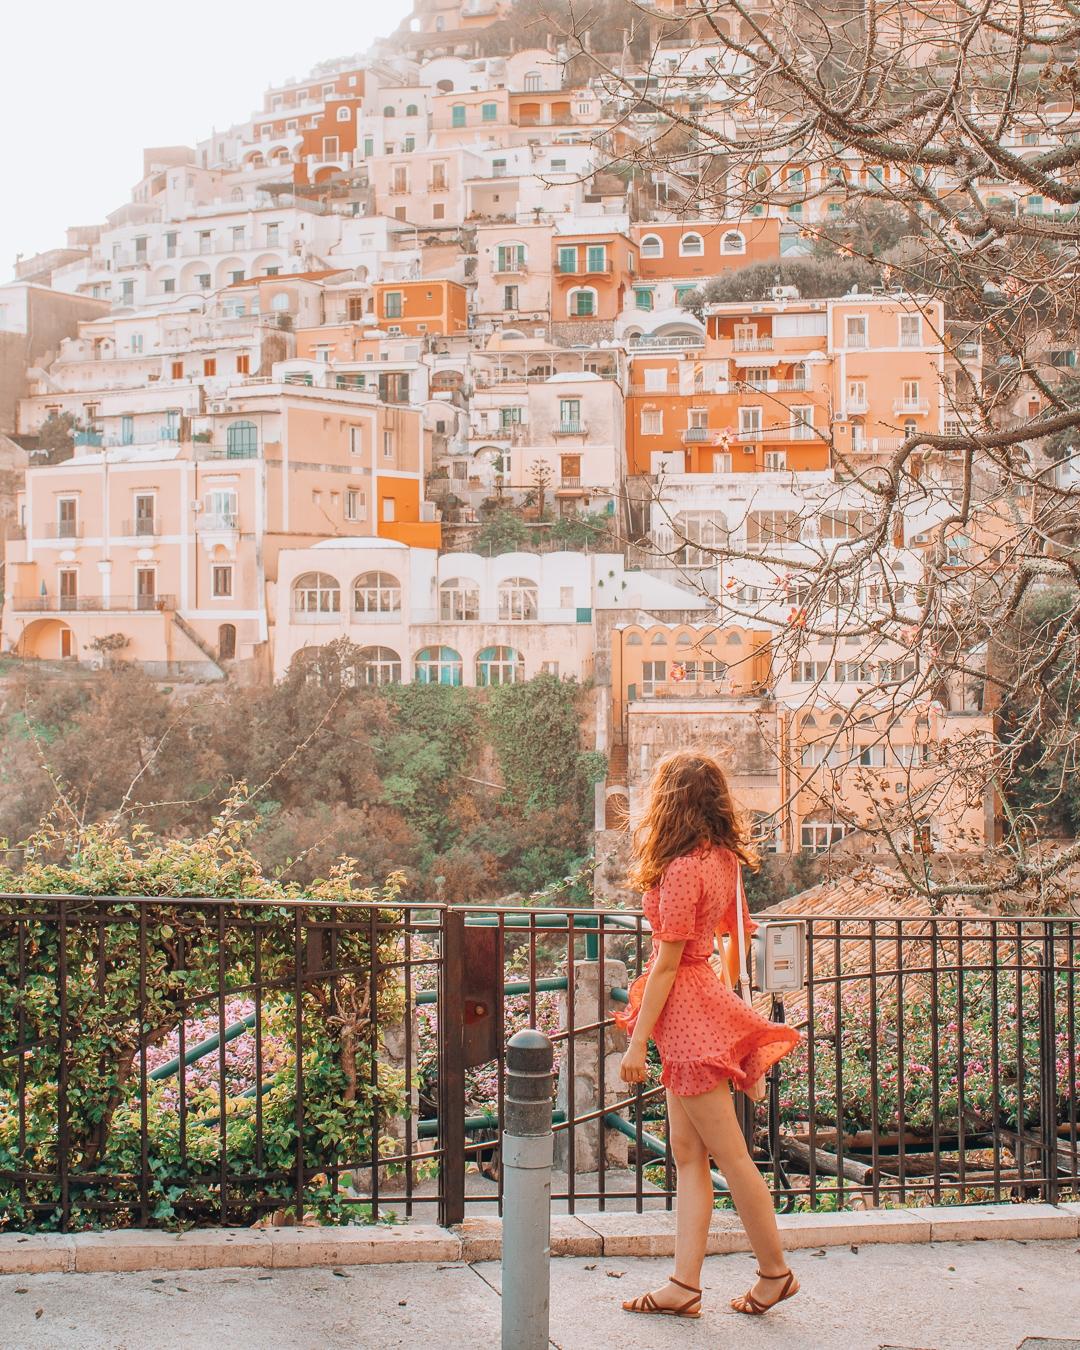 Girl in Positano walking